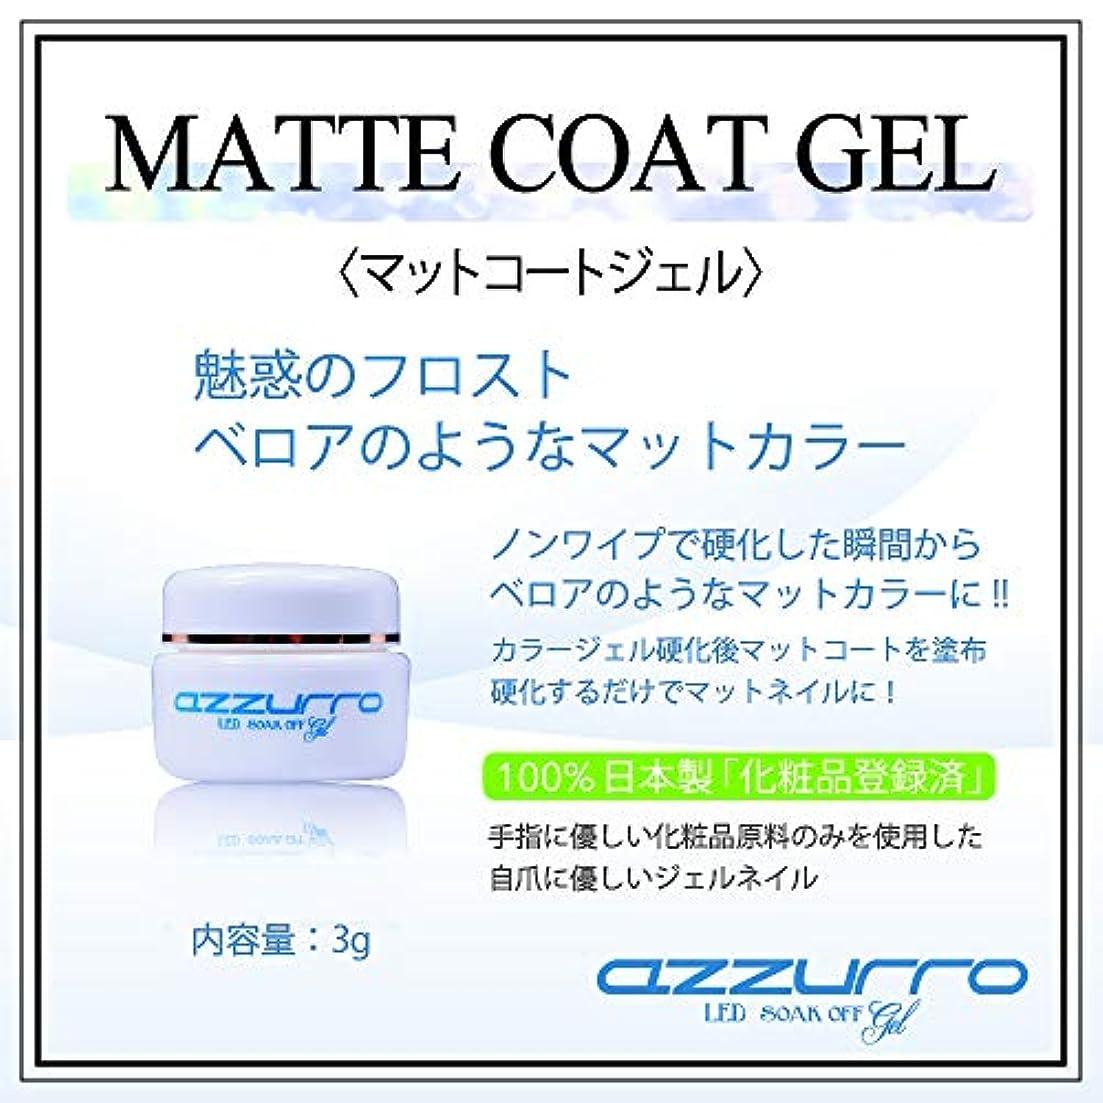 謎めいた事業内容ブランド名azzurro マットコートジェル 3g